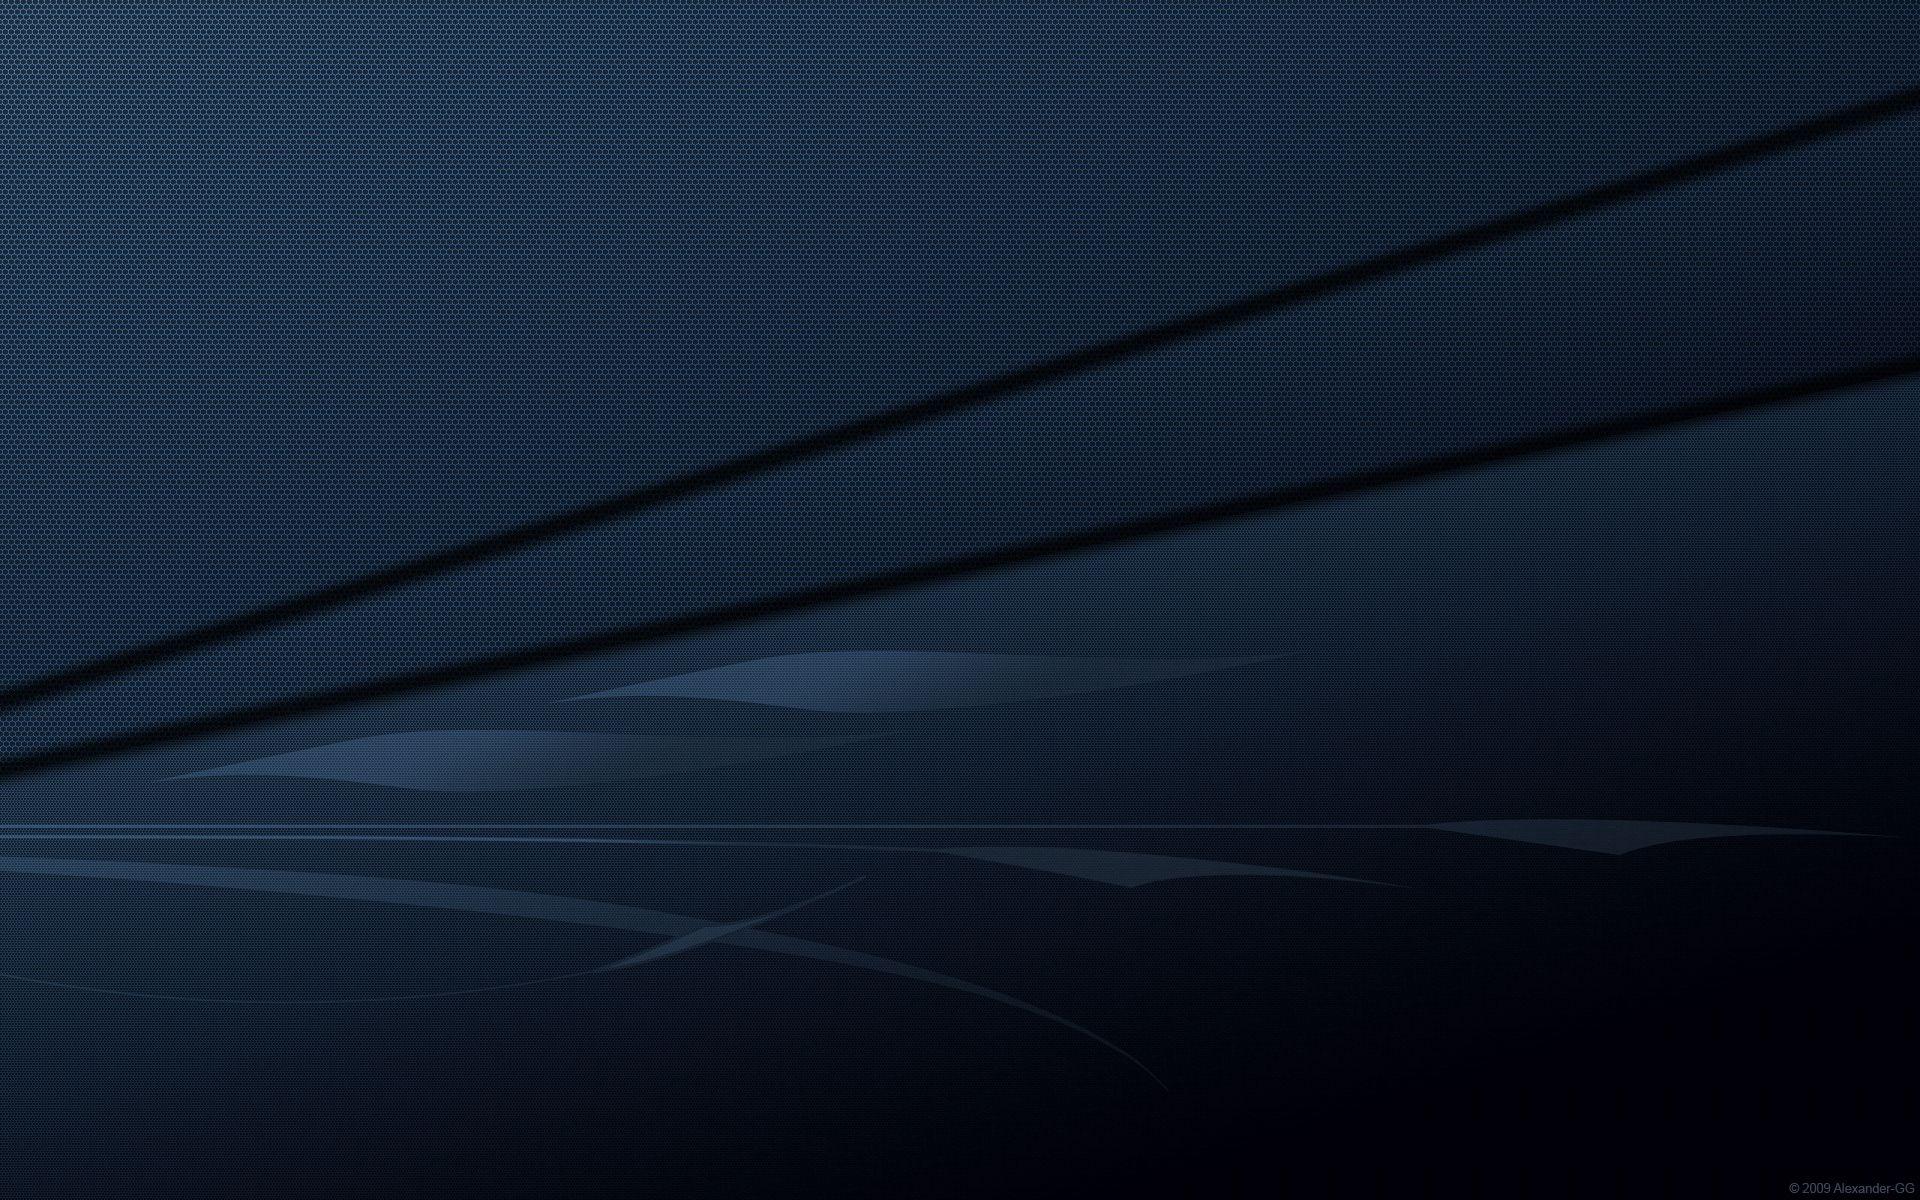 87063 Hintergrundbild herunterladen Hintergrund, Dunkel, Textur, Linien, Texturen, Schatten - Bildschirmschoner und Bilder kostenlos